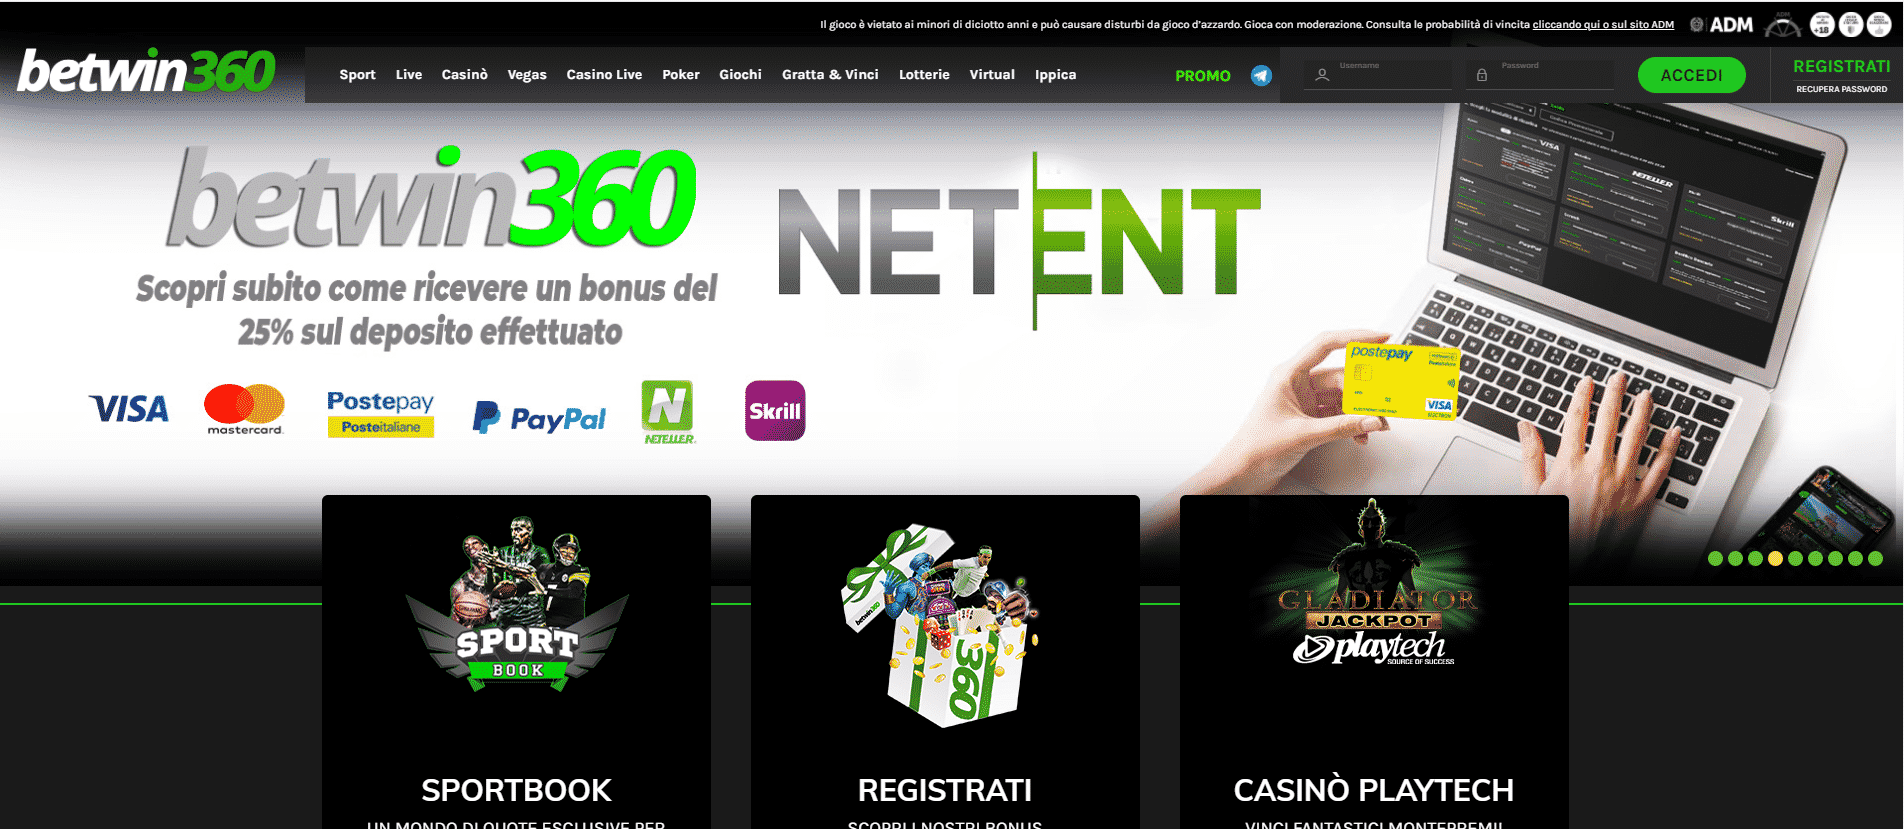 Betwin360 Homepage